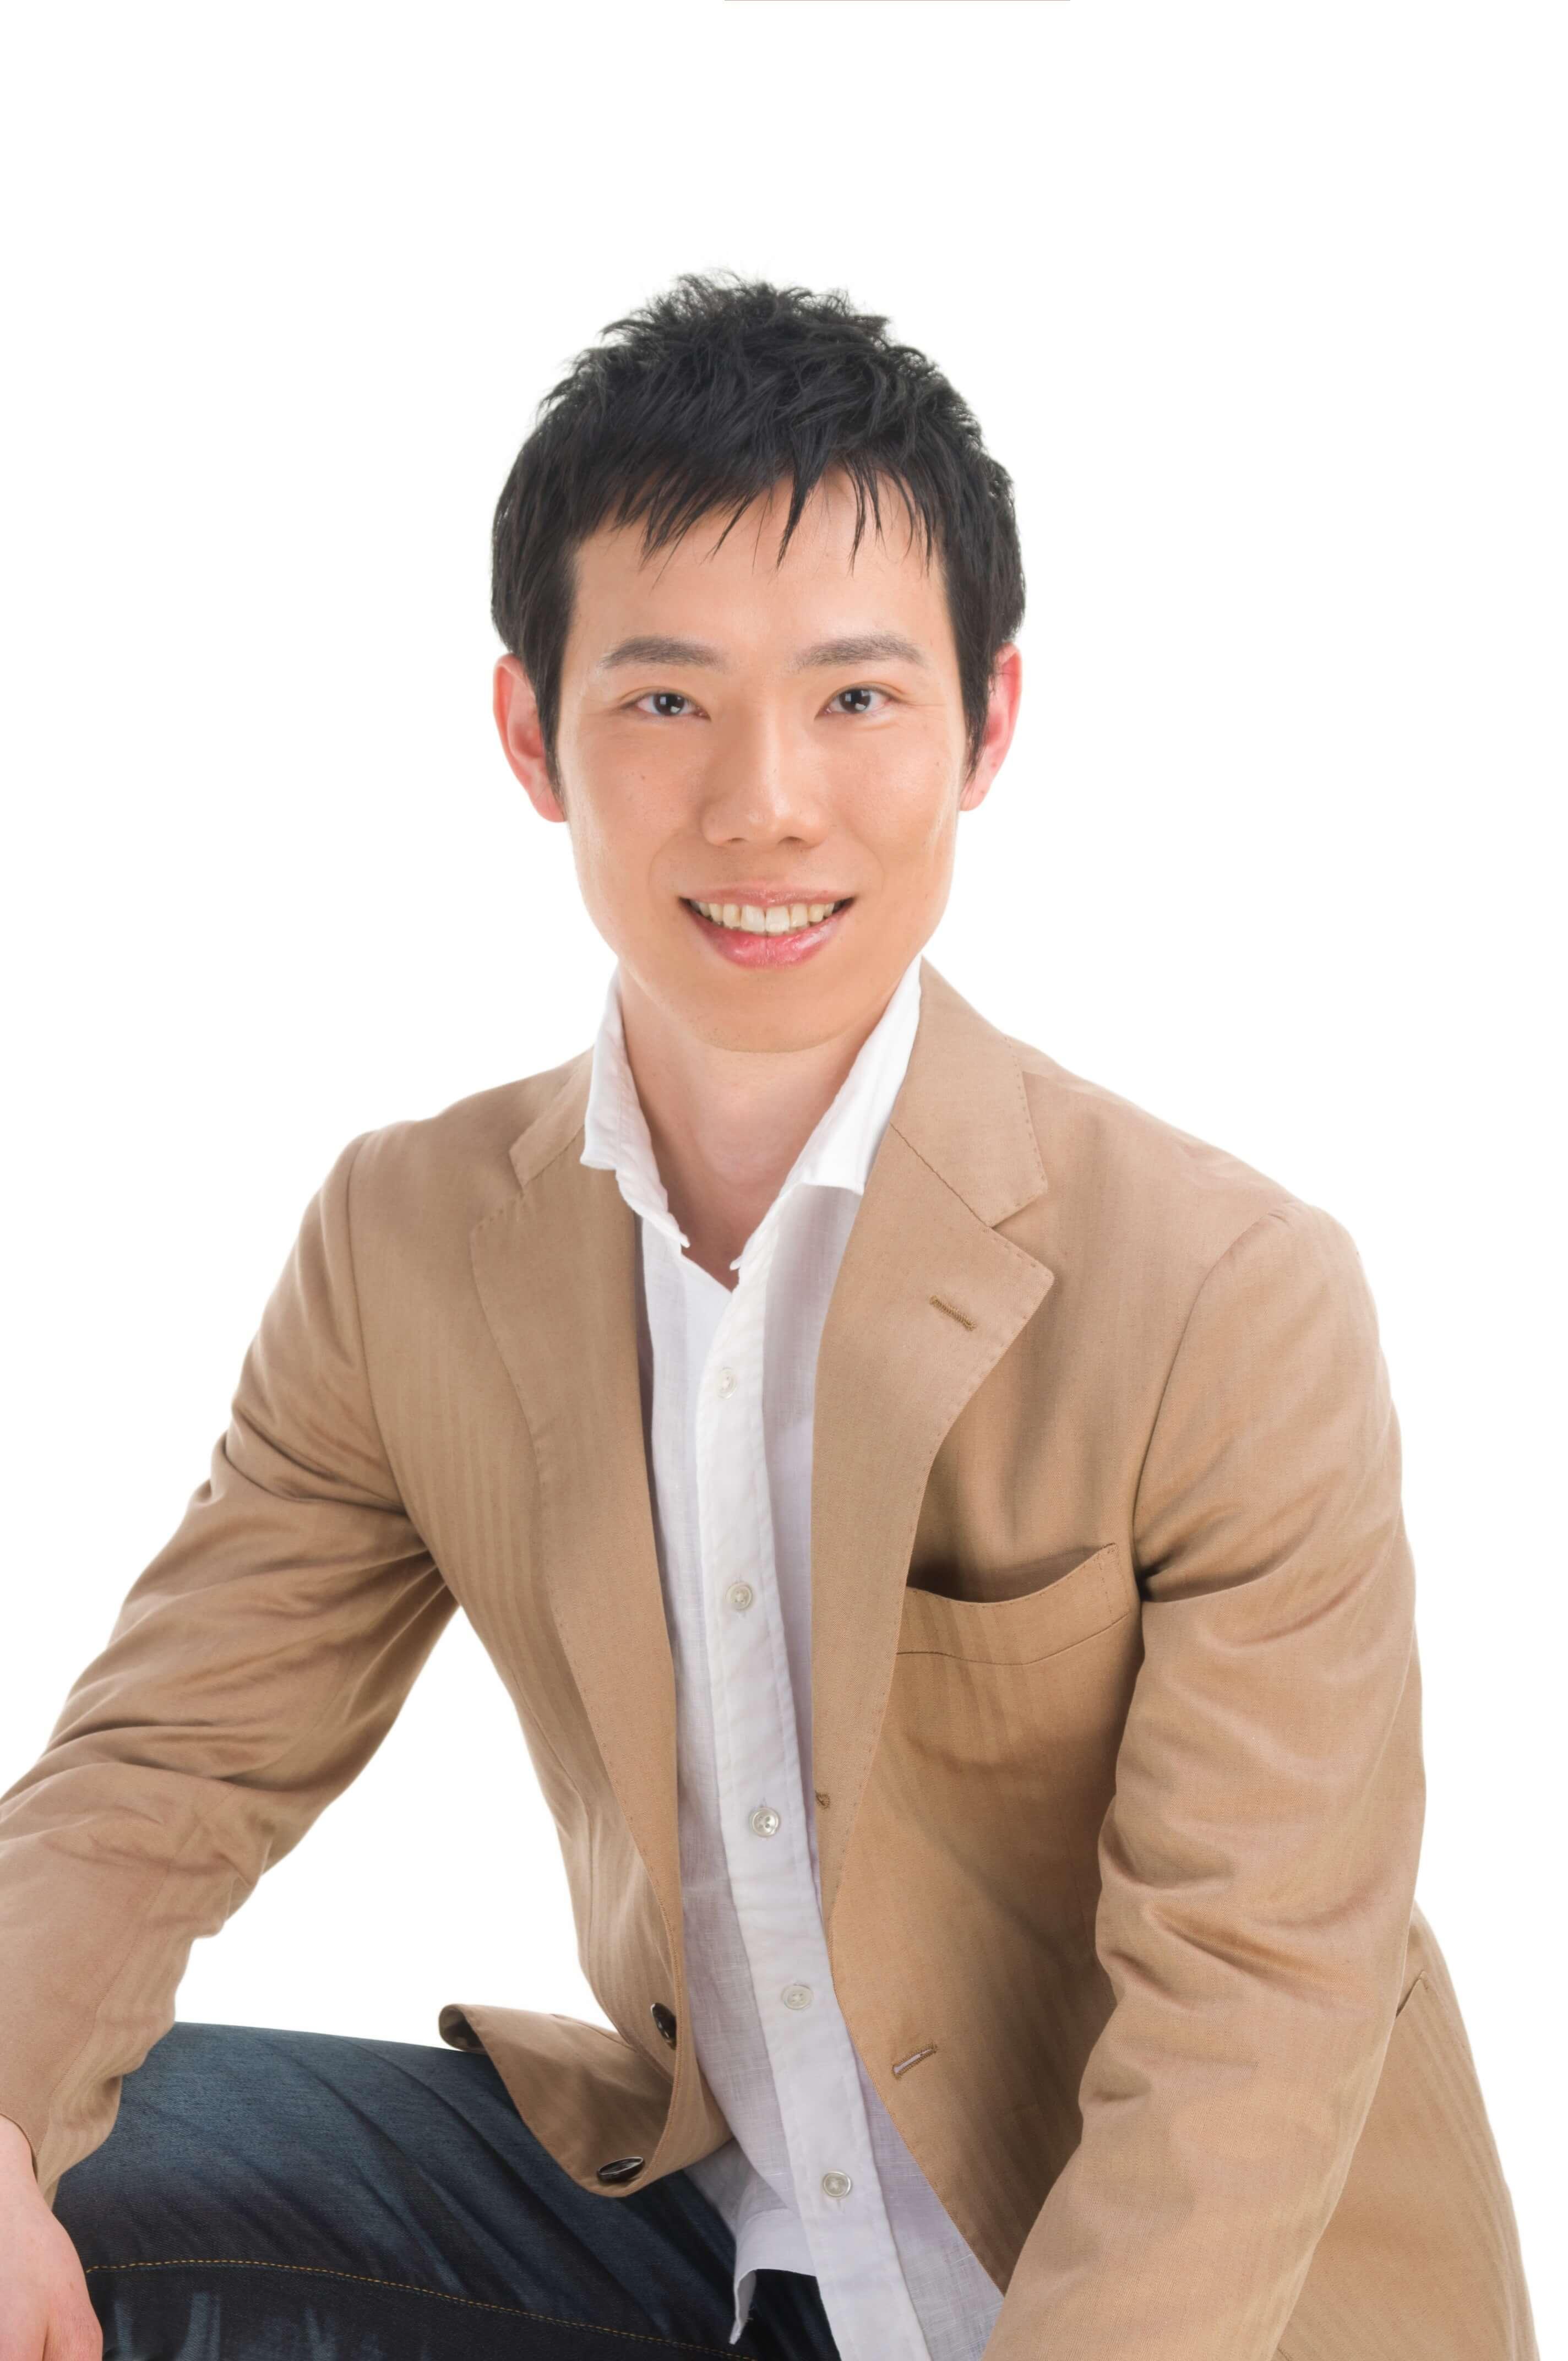 プロフィールページ顔写真